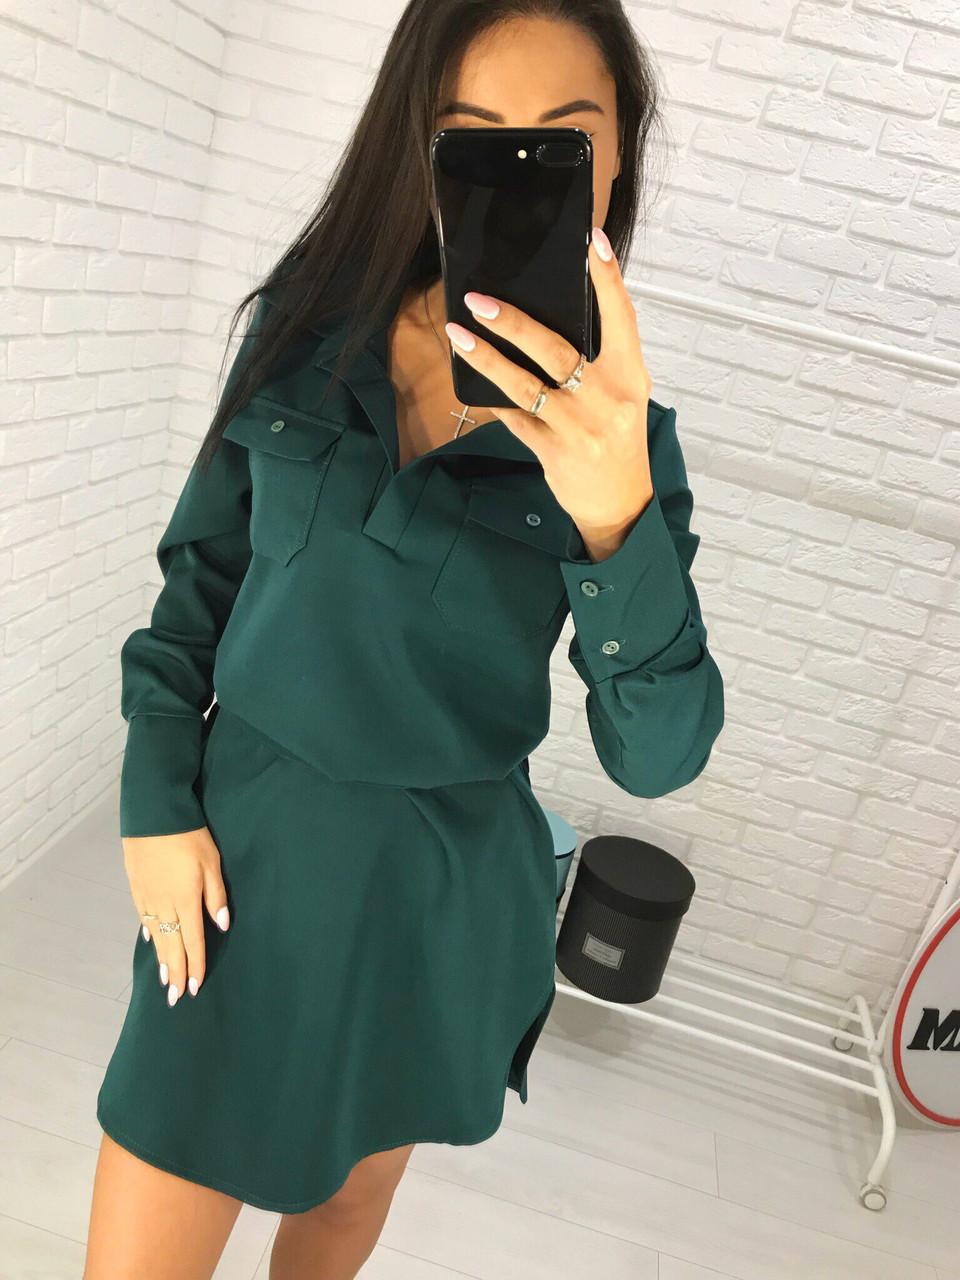 Стильное платье с карманами.